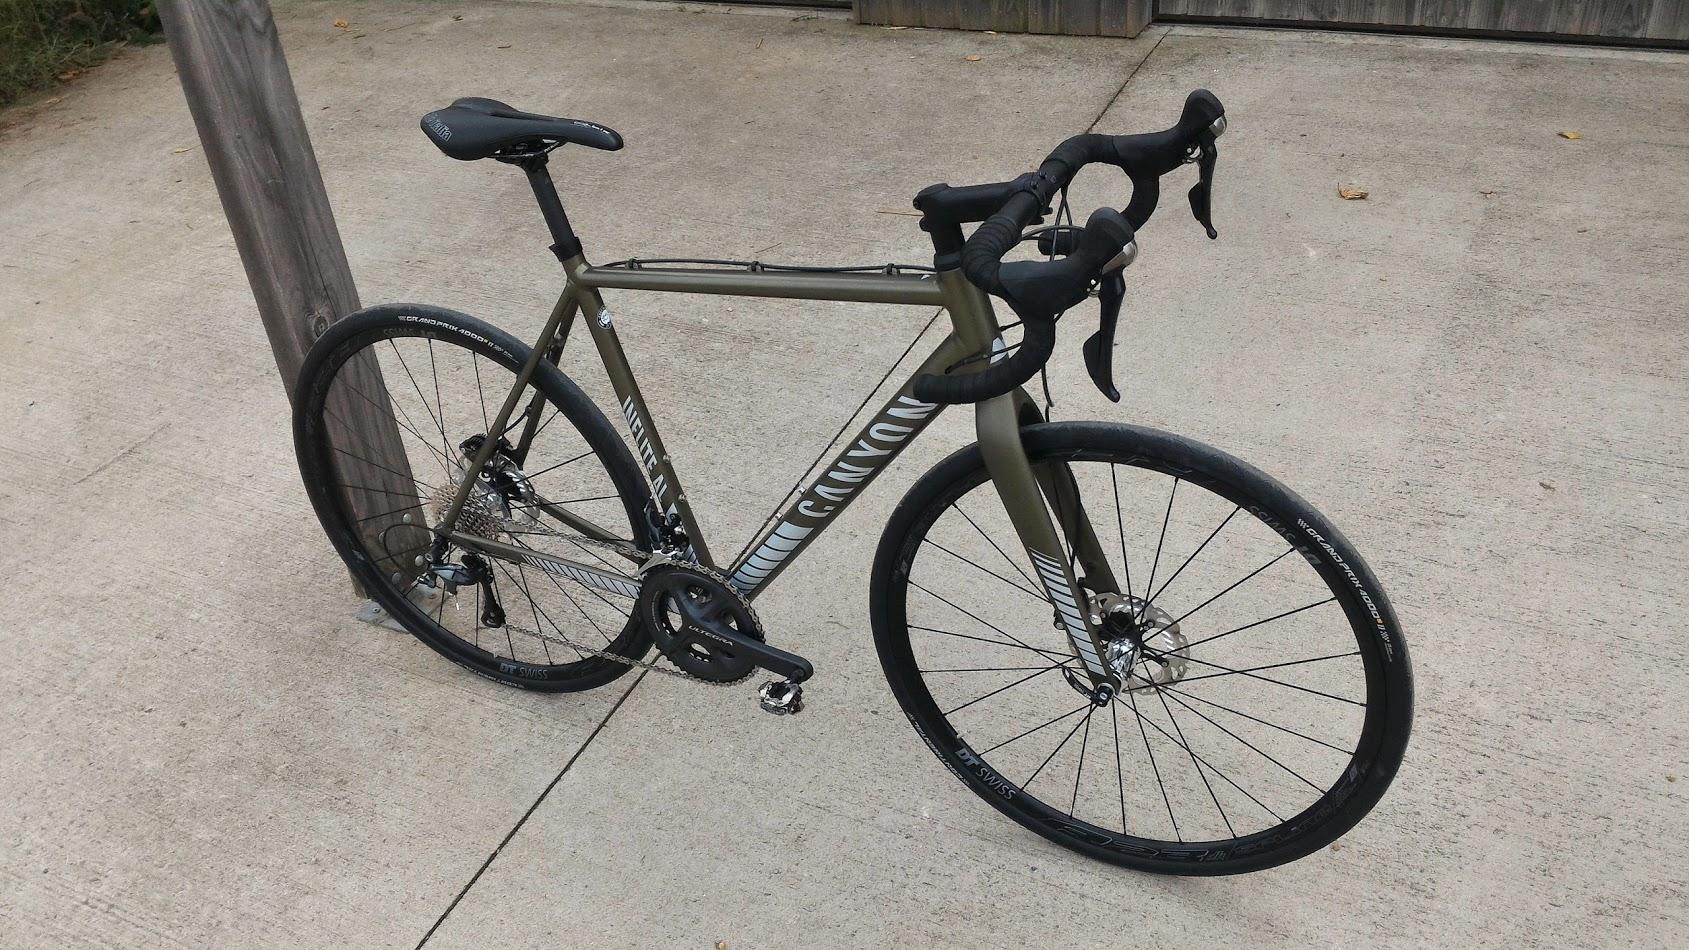 Il serait réducteur de définir le vélo gravel comme un vélo de route  capable de rouler dans des chemins. C est avant tout un vélo extrêmement  versatile, ... 03d543eb1d69